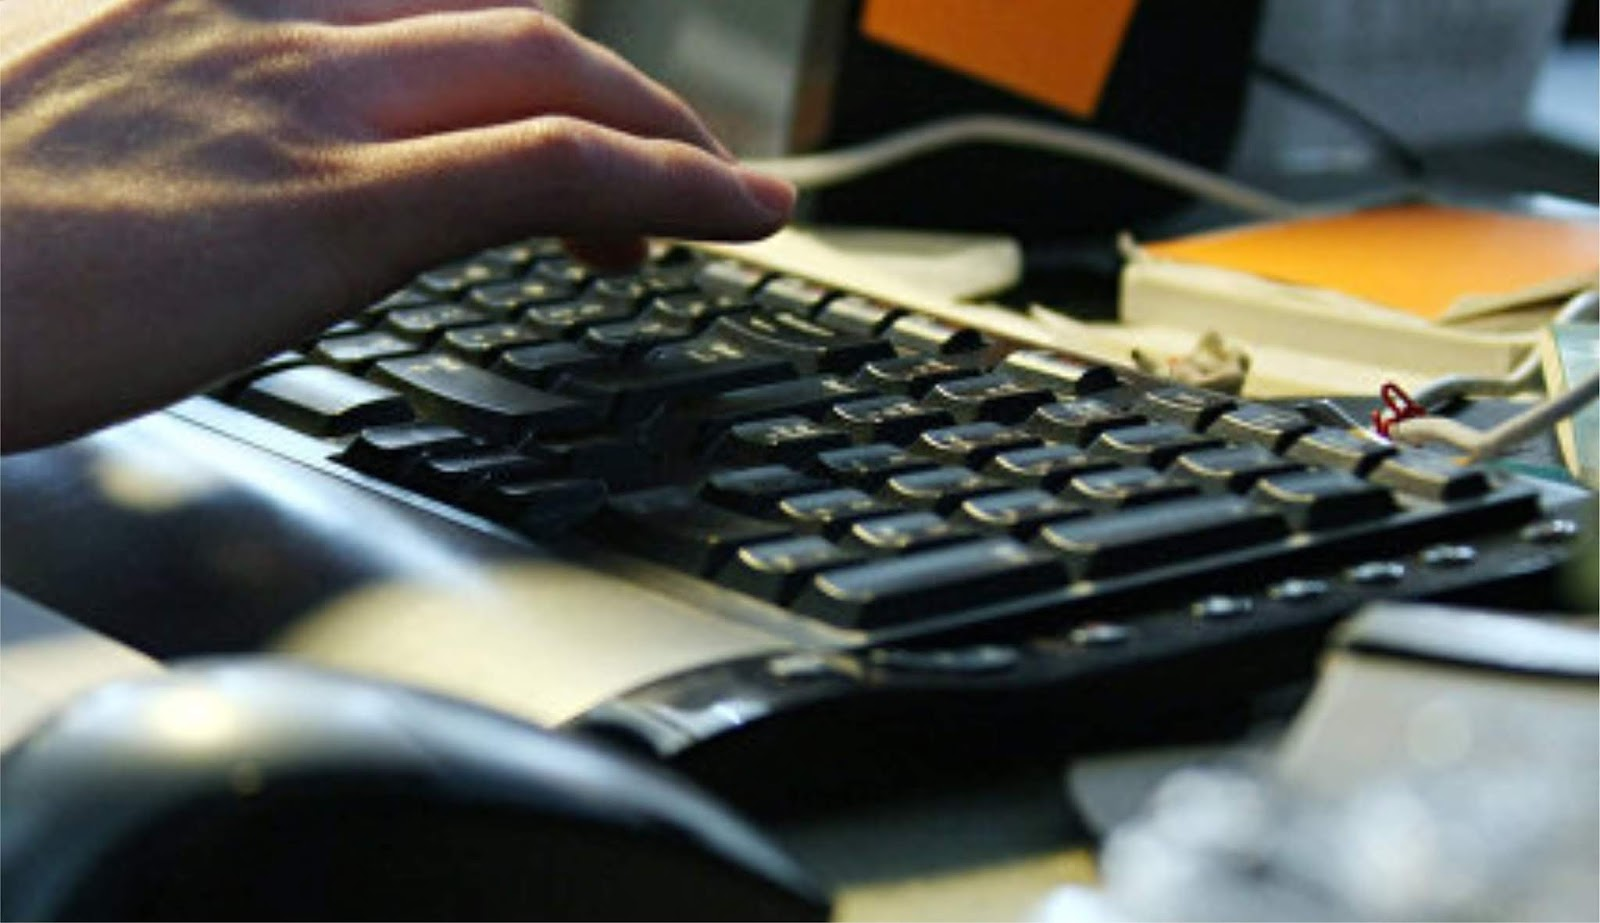 Intelijen AS percaya bahwa China telah meningkatkan aktivitasnya di bidang spionase dunia maya